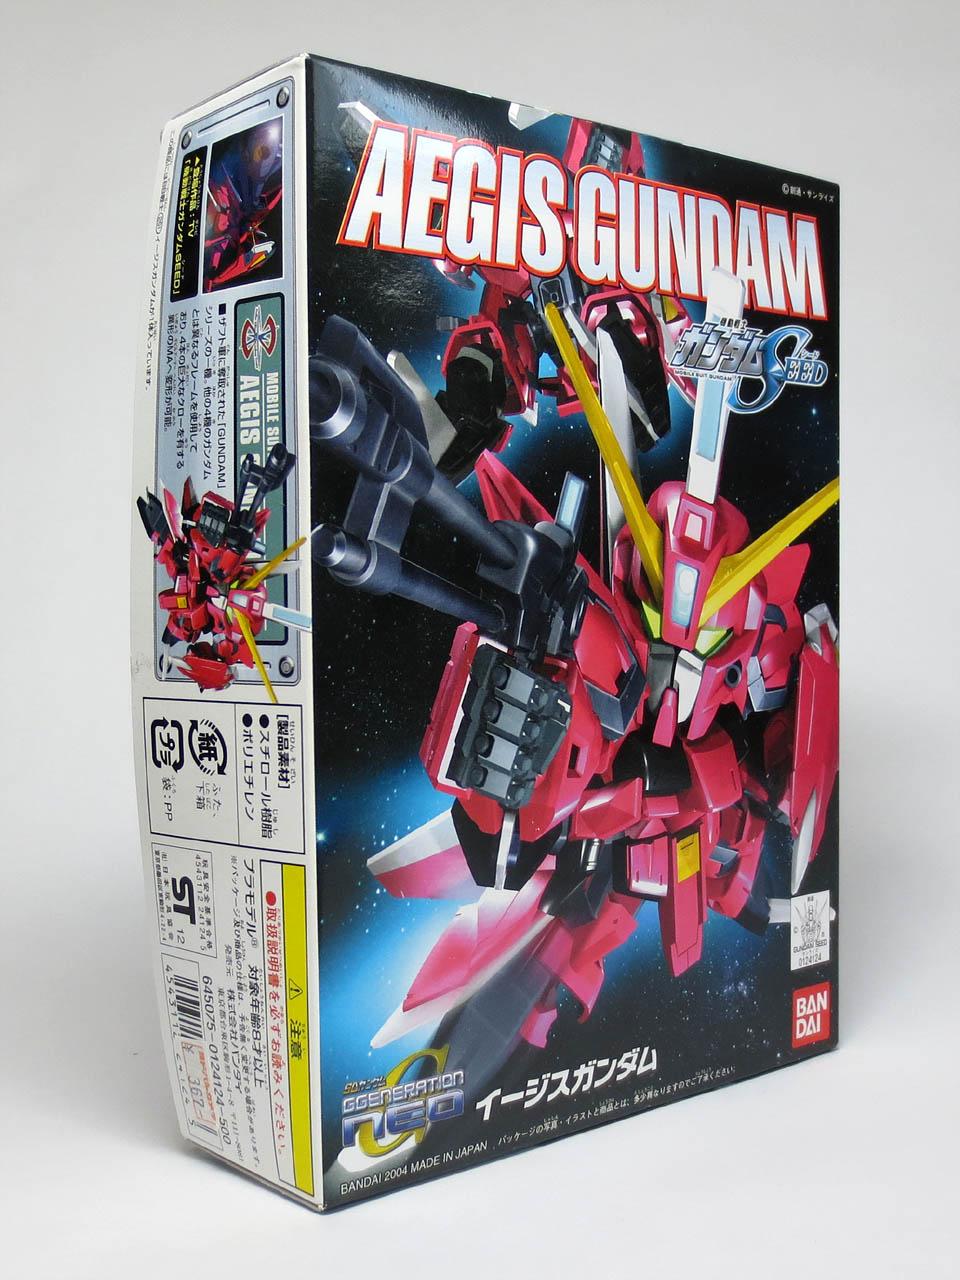 BB261_Aegis_Gundam_01.jpg